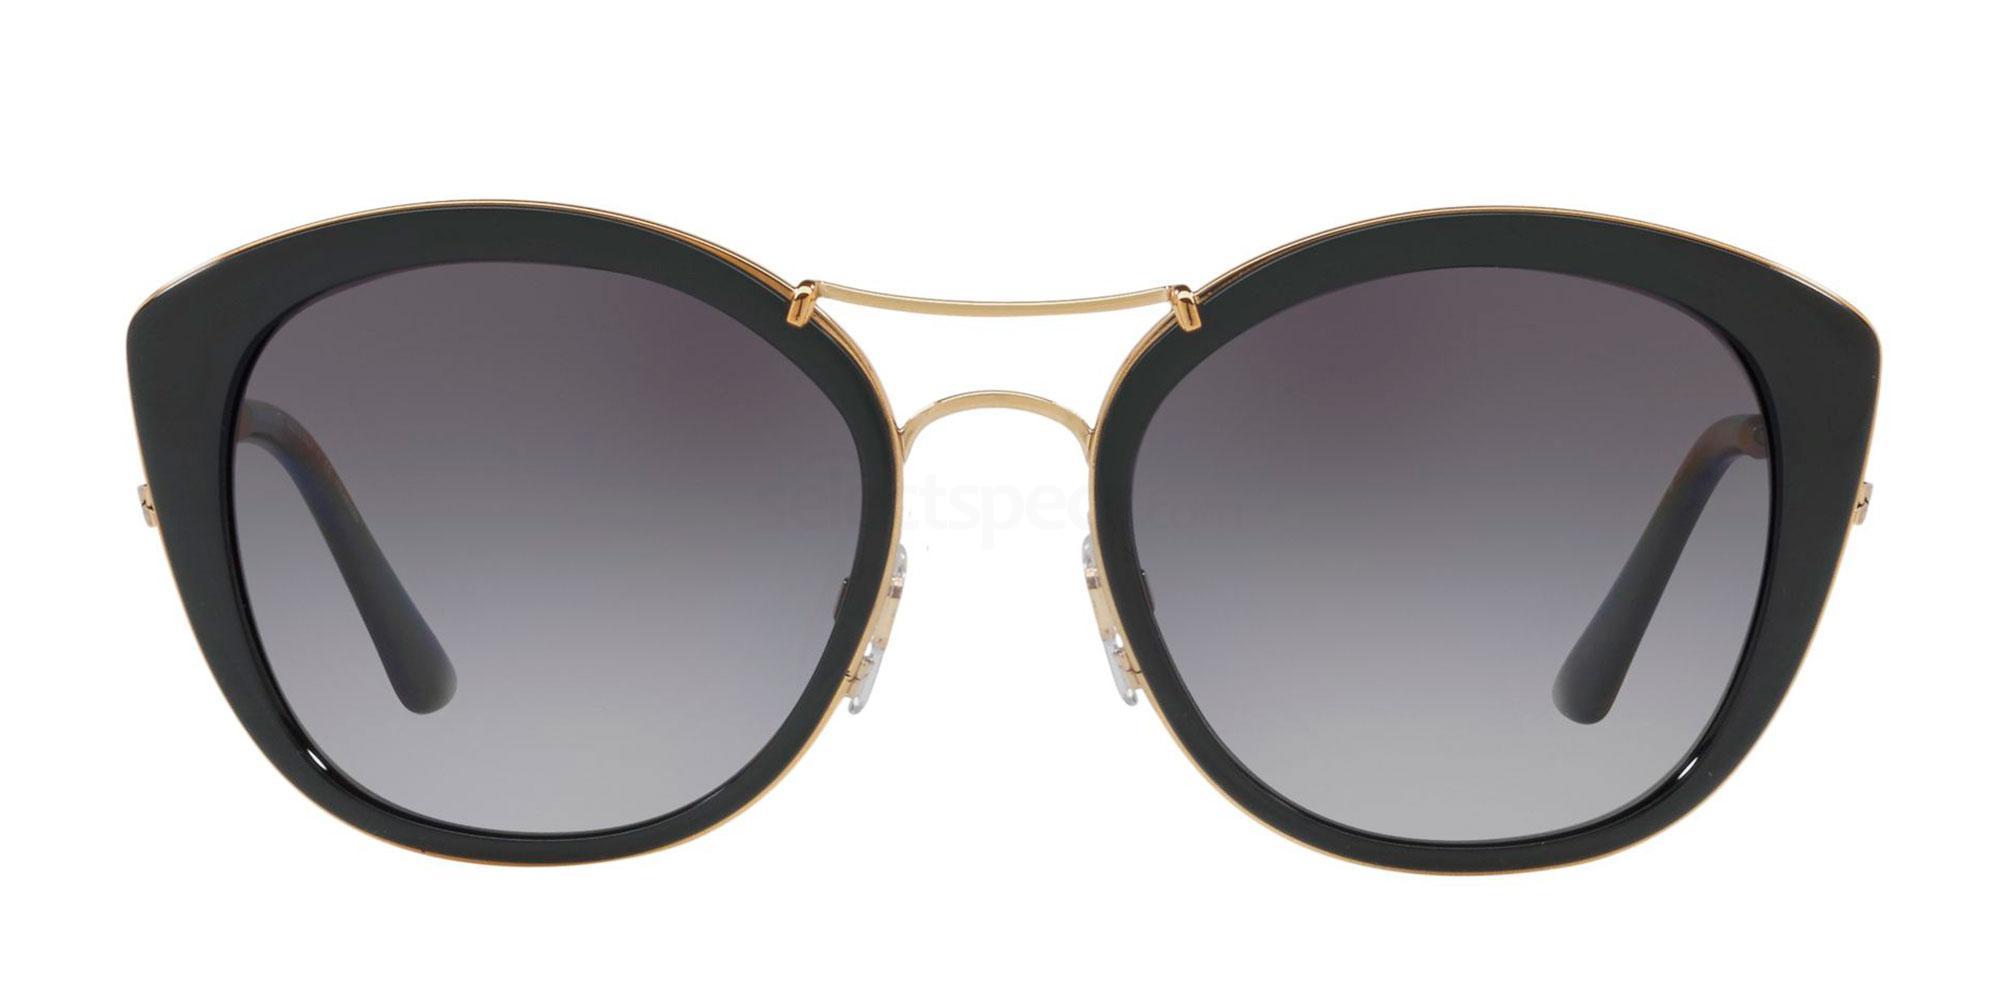 3001T3 BE4251Q Sunglasses, Burberry